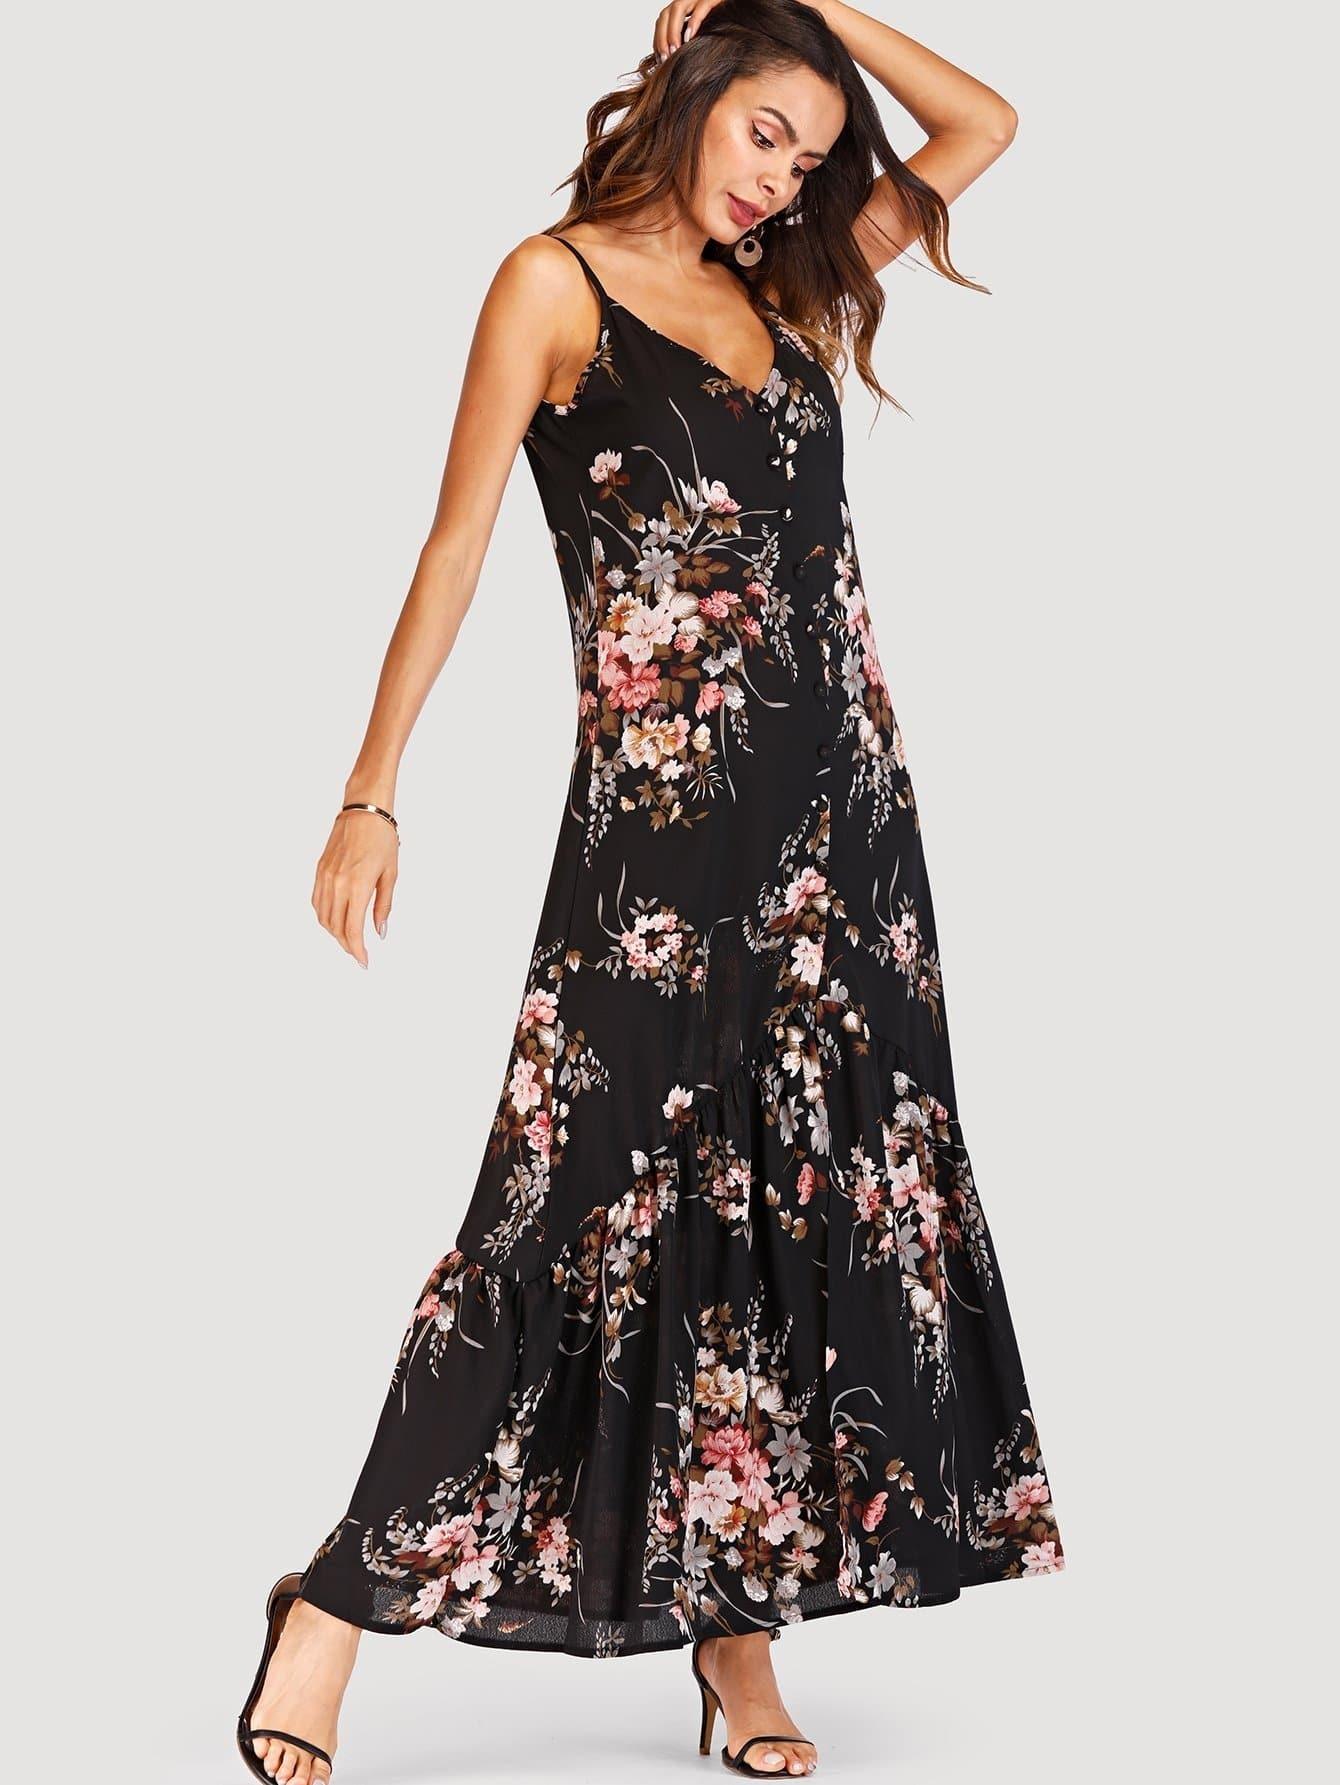 Floral Print Button Detail Cami Dress patriot pl 820